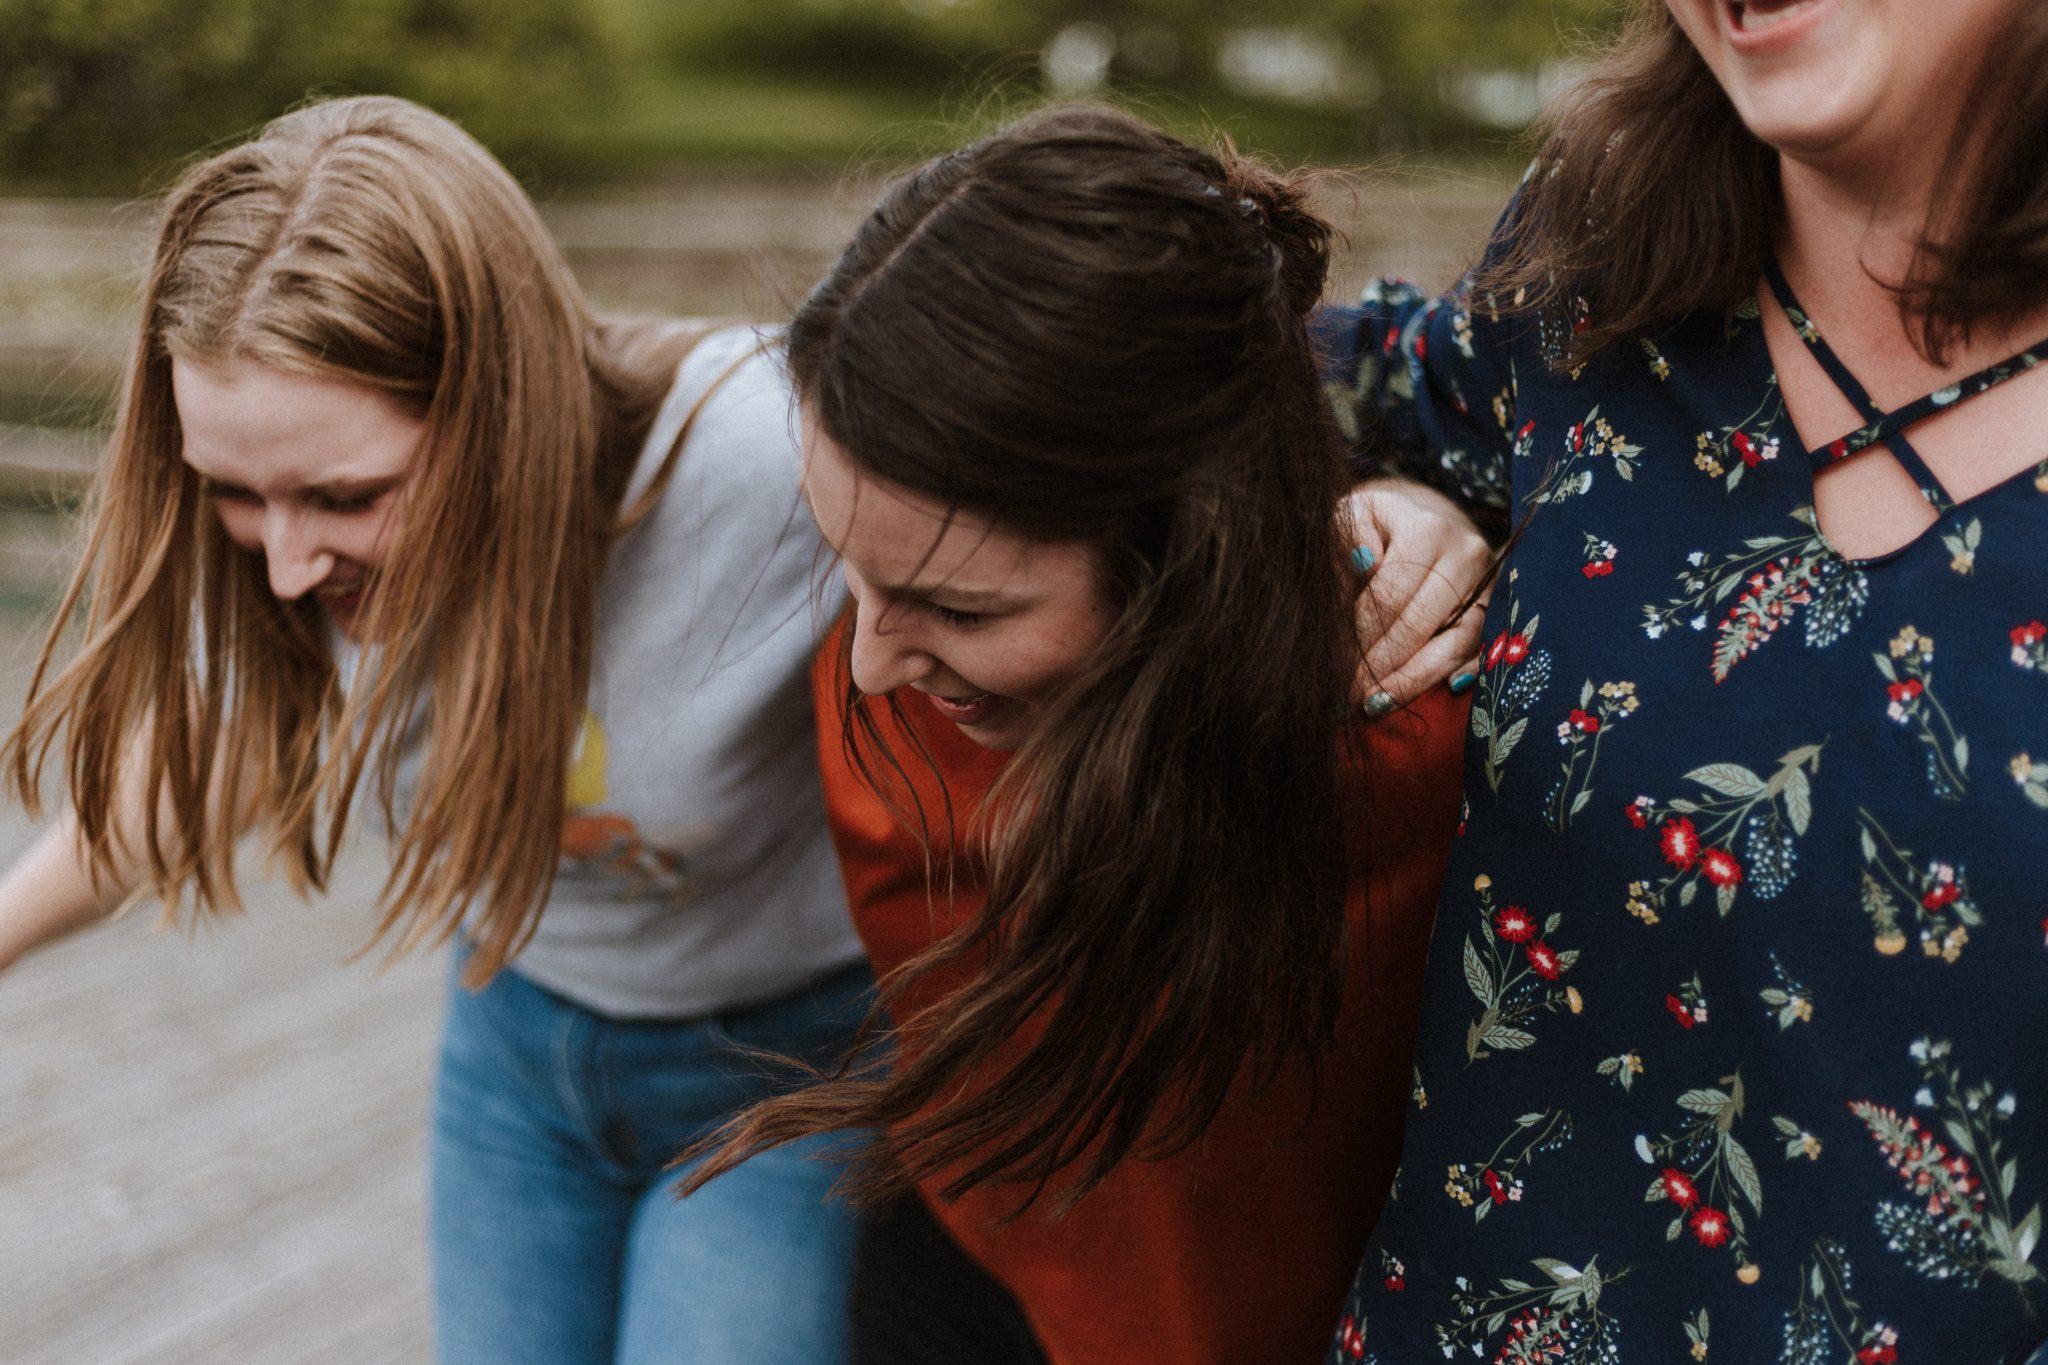 Kolme nauravaa tyttöä kulkevat käsi kädessä.